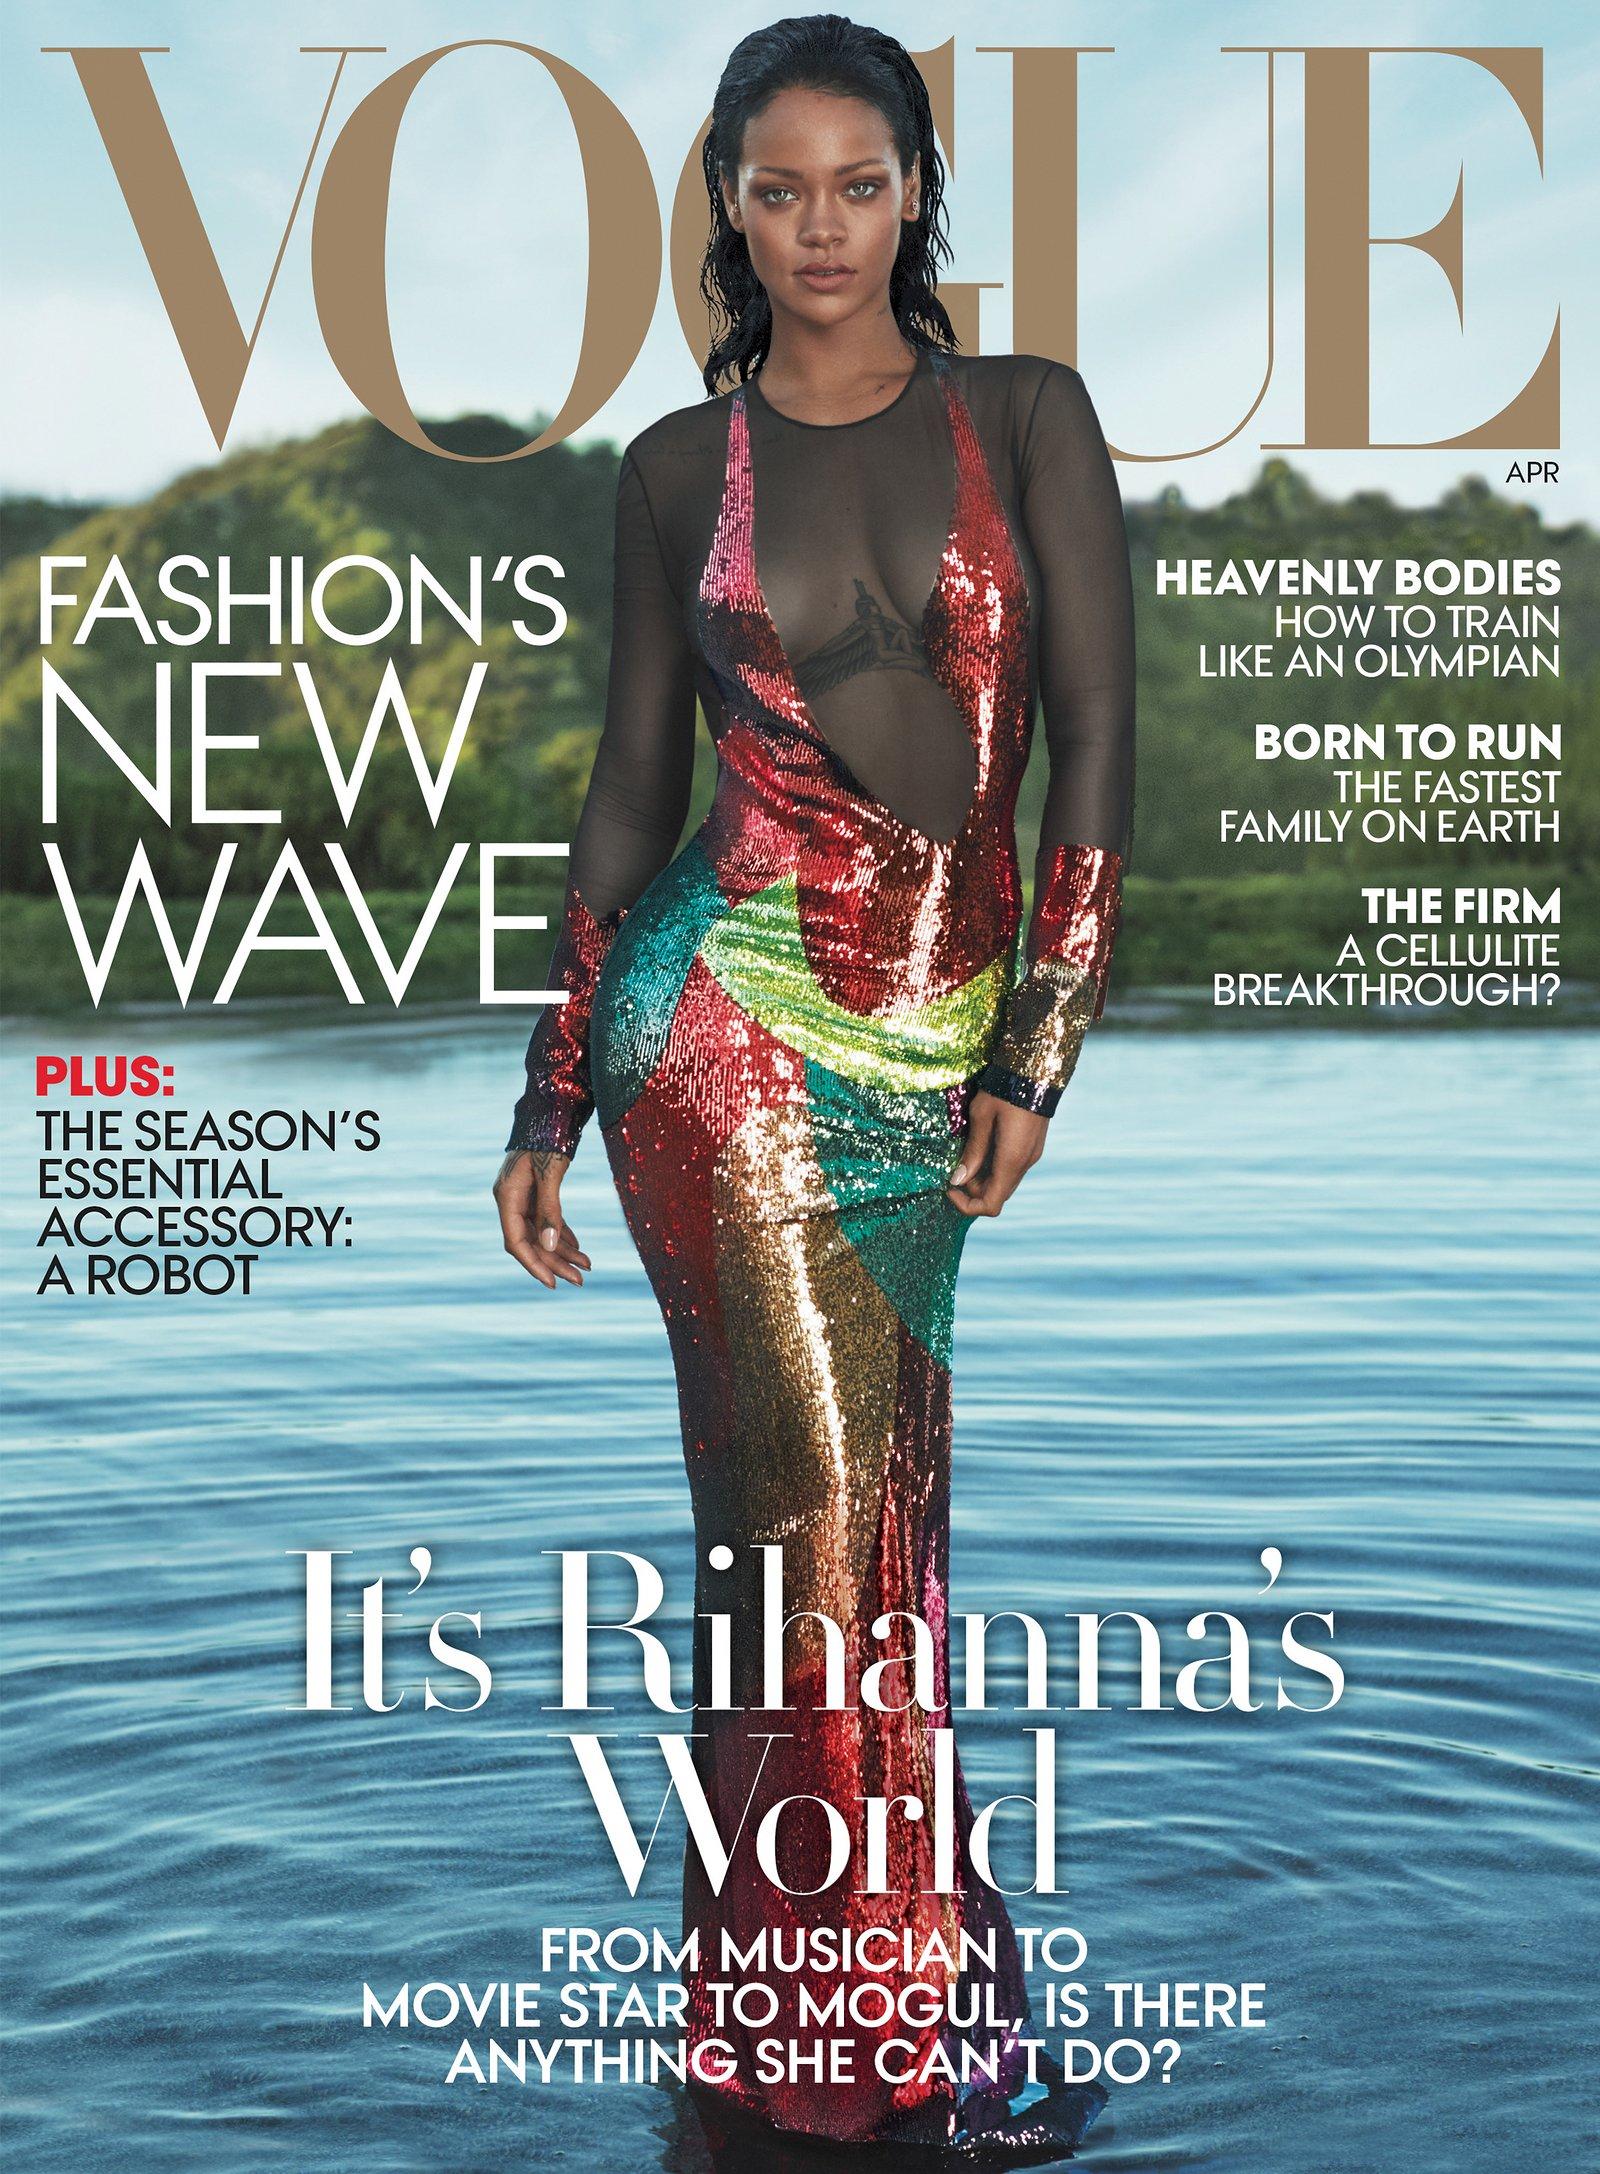 Rihanna Vogue April 2016 cover